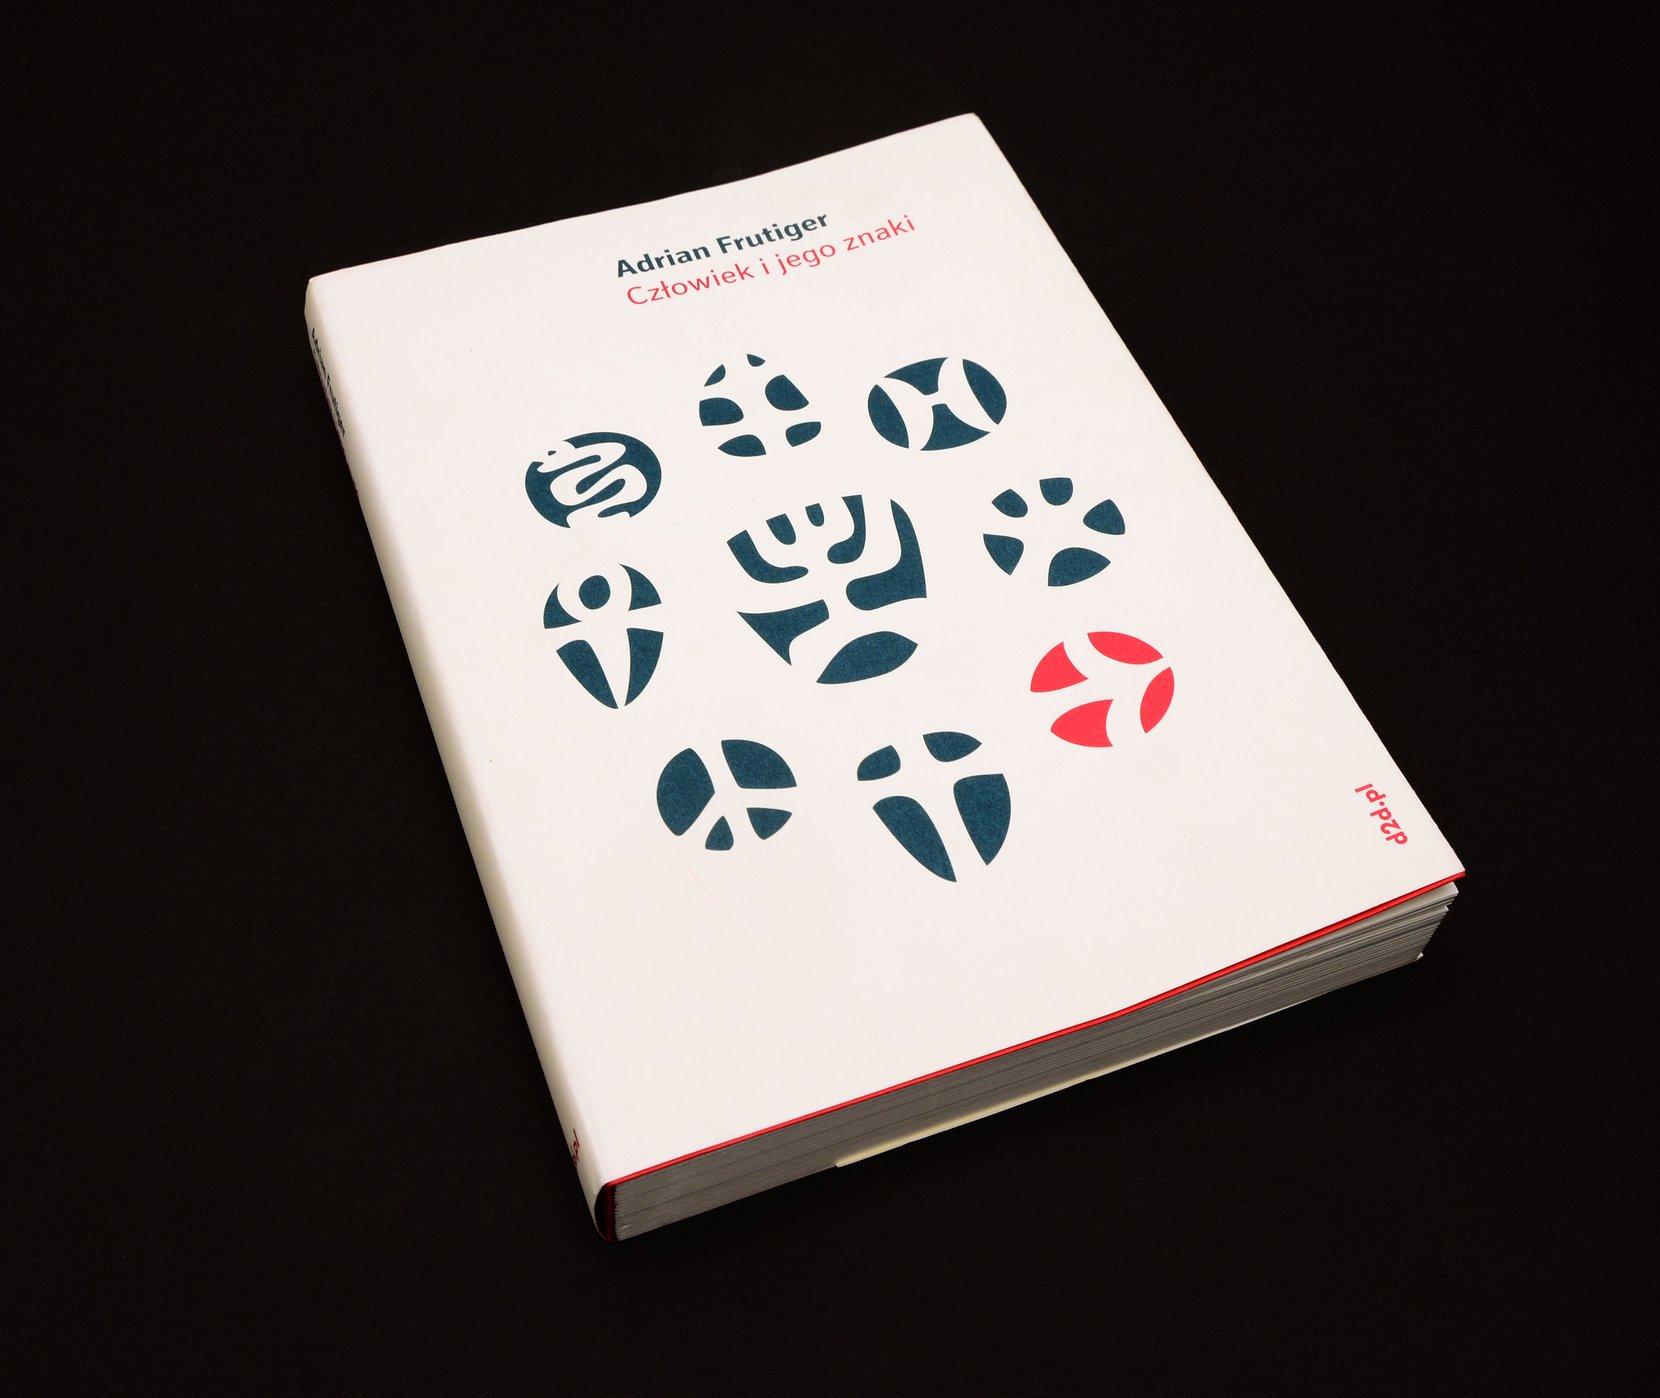 adrian frutiger: człowiek i jego znaki (2003) books photography Adrian Frutiger